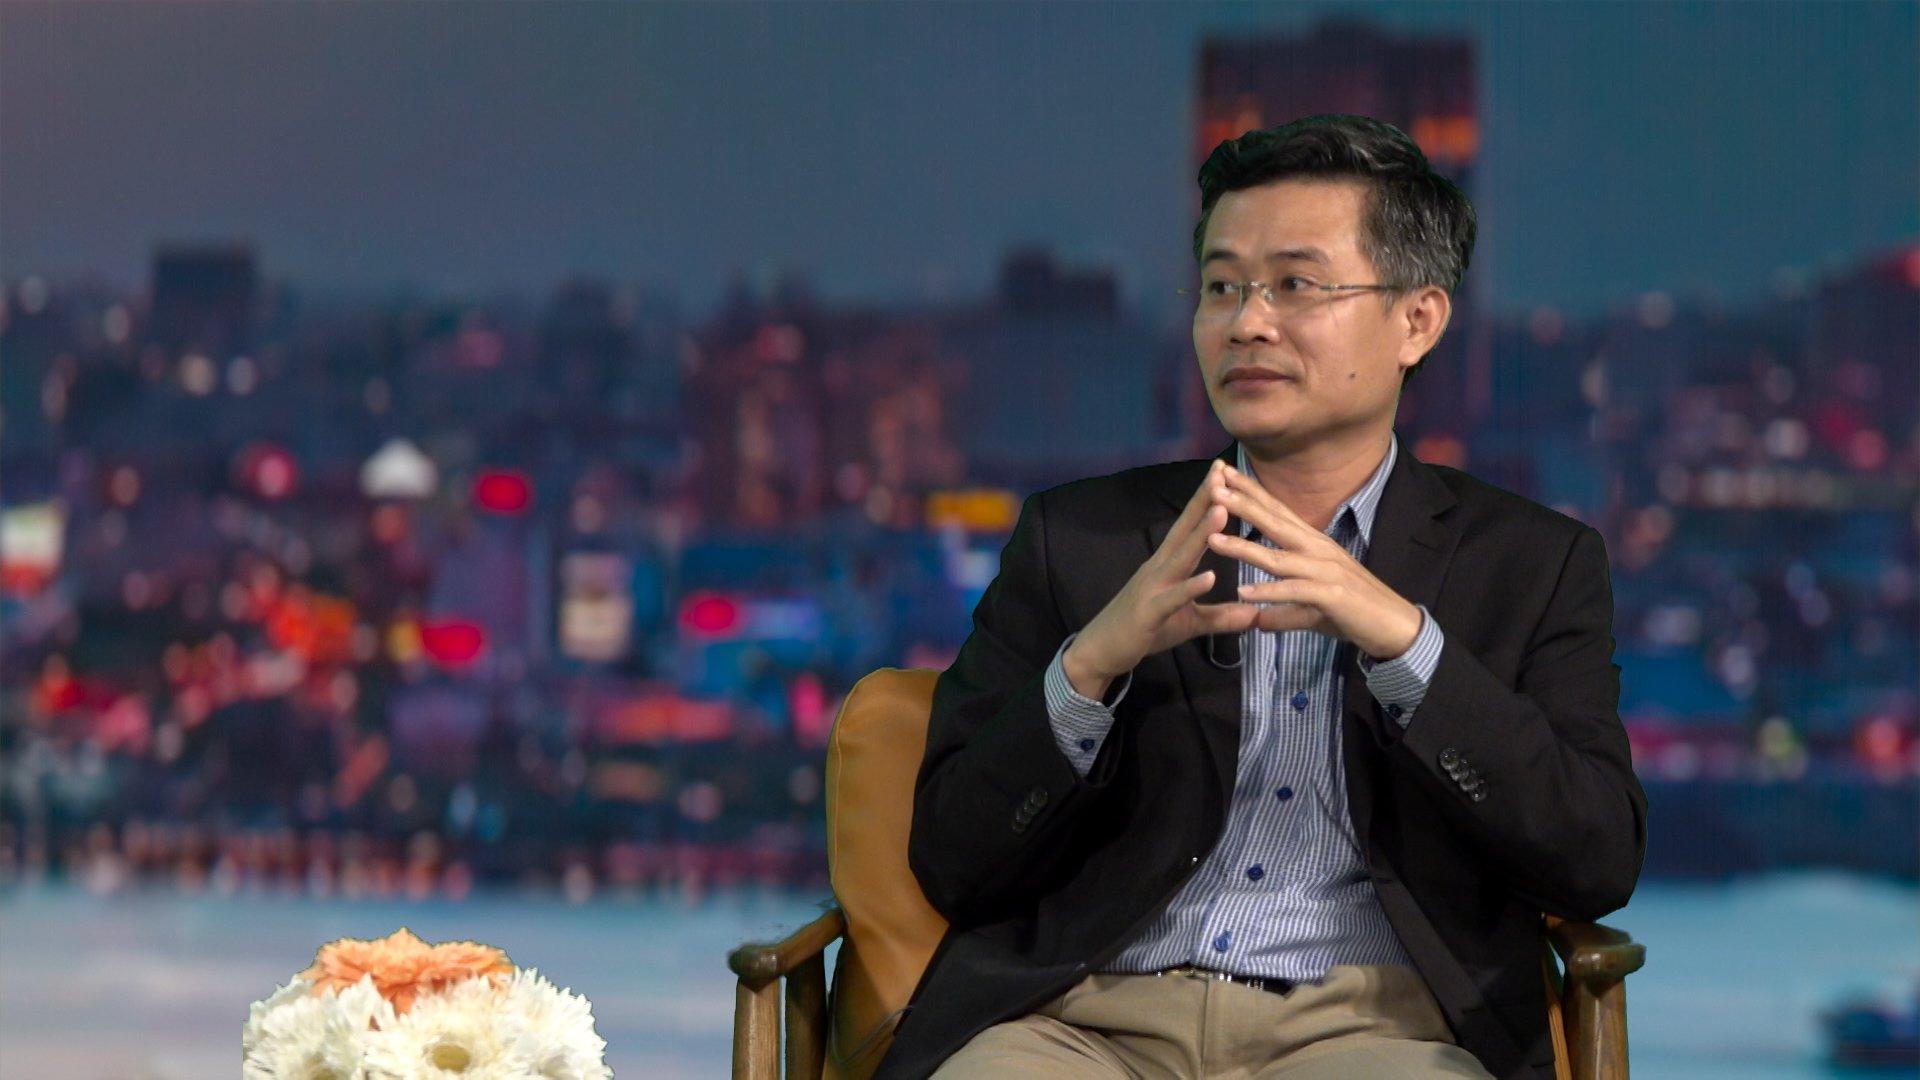 Ông Đỗ Thiên Anh Tuấn chia sẻ trong buổi tọa đàm về bất động sản miền Tây trên kênh FBNC. Ảnh: CIT.